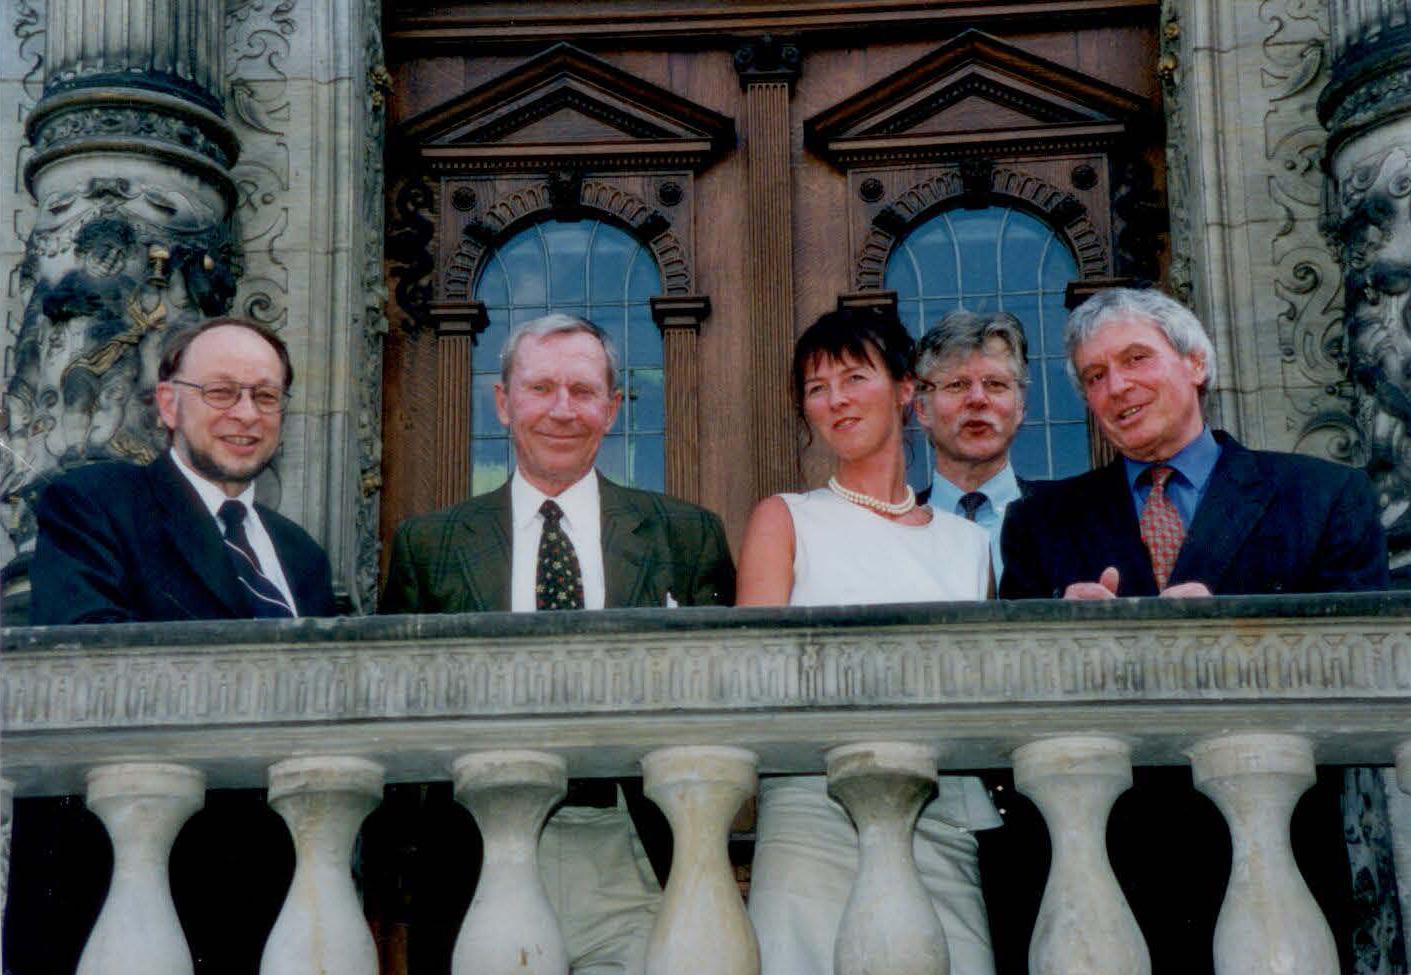 Verleihung des Berninghausen Preises im Jahr 2000 mit Gründer Friedo Berninghausen (†2014)